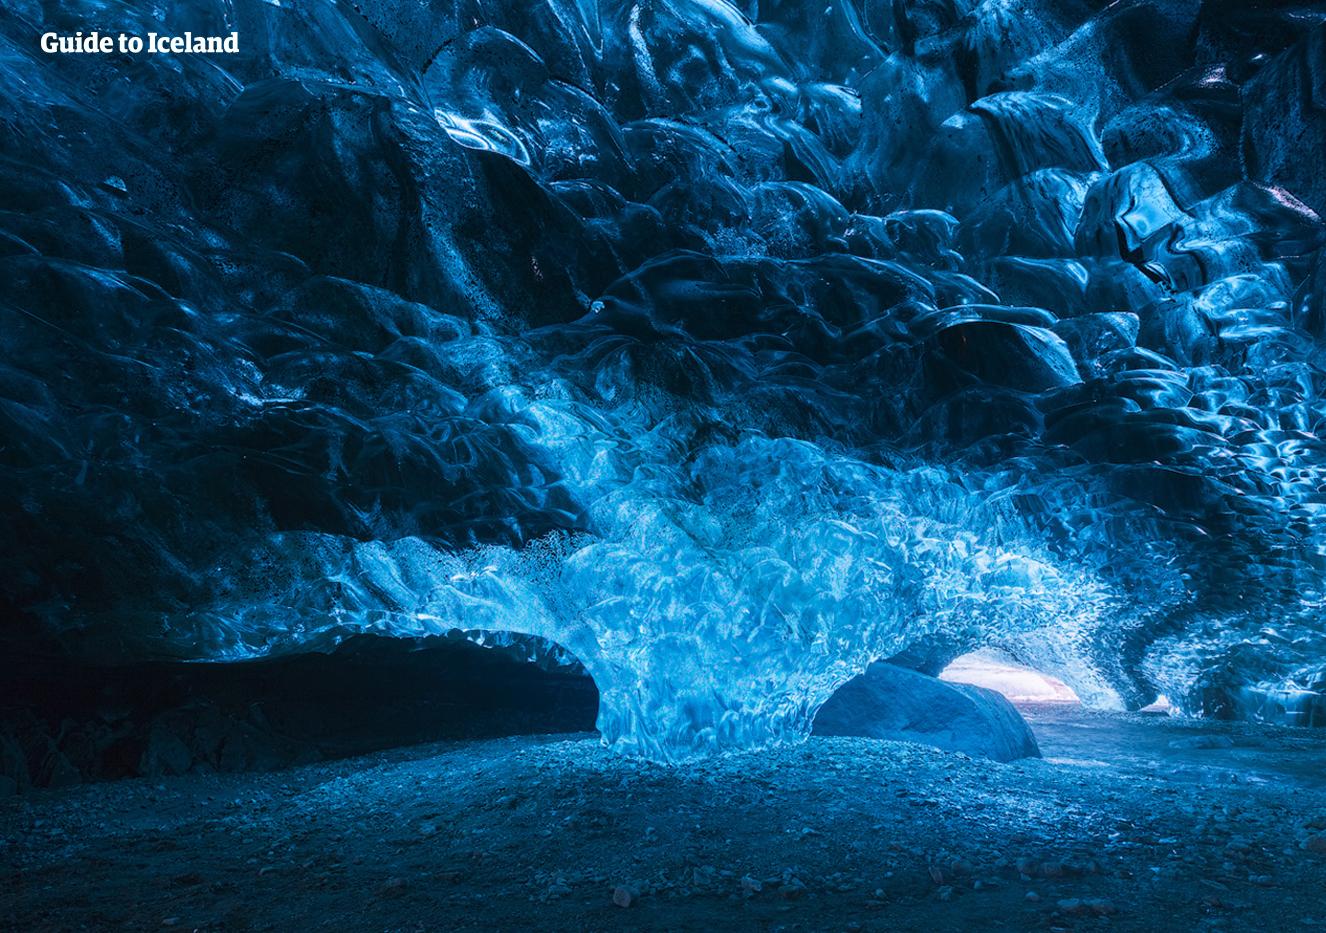 Fantastiche sfumature di blu in un'autentica grotta di ghiaccio nel Parco Nazionale di Vatnajökull.